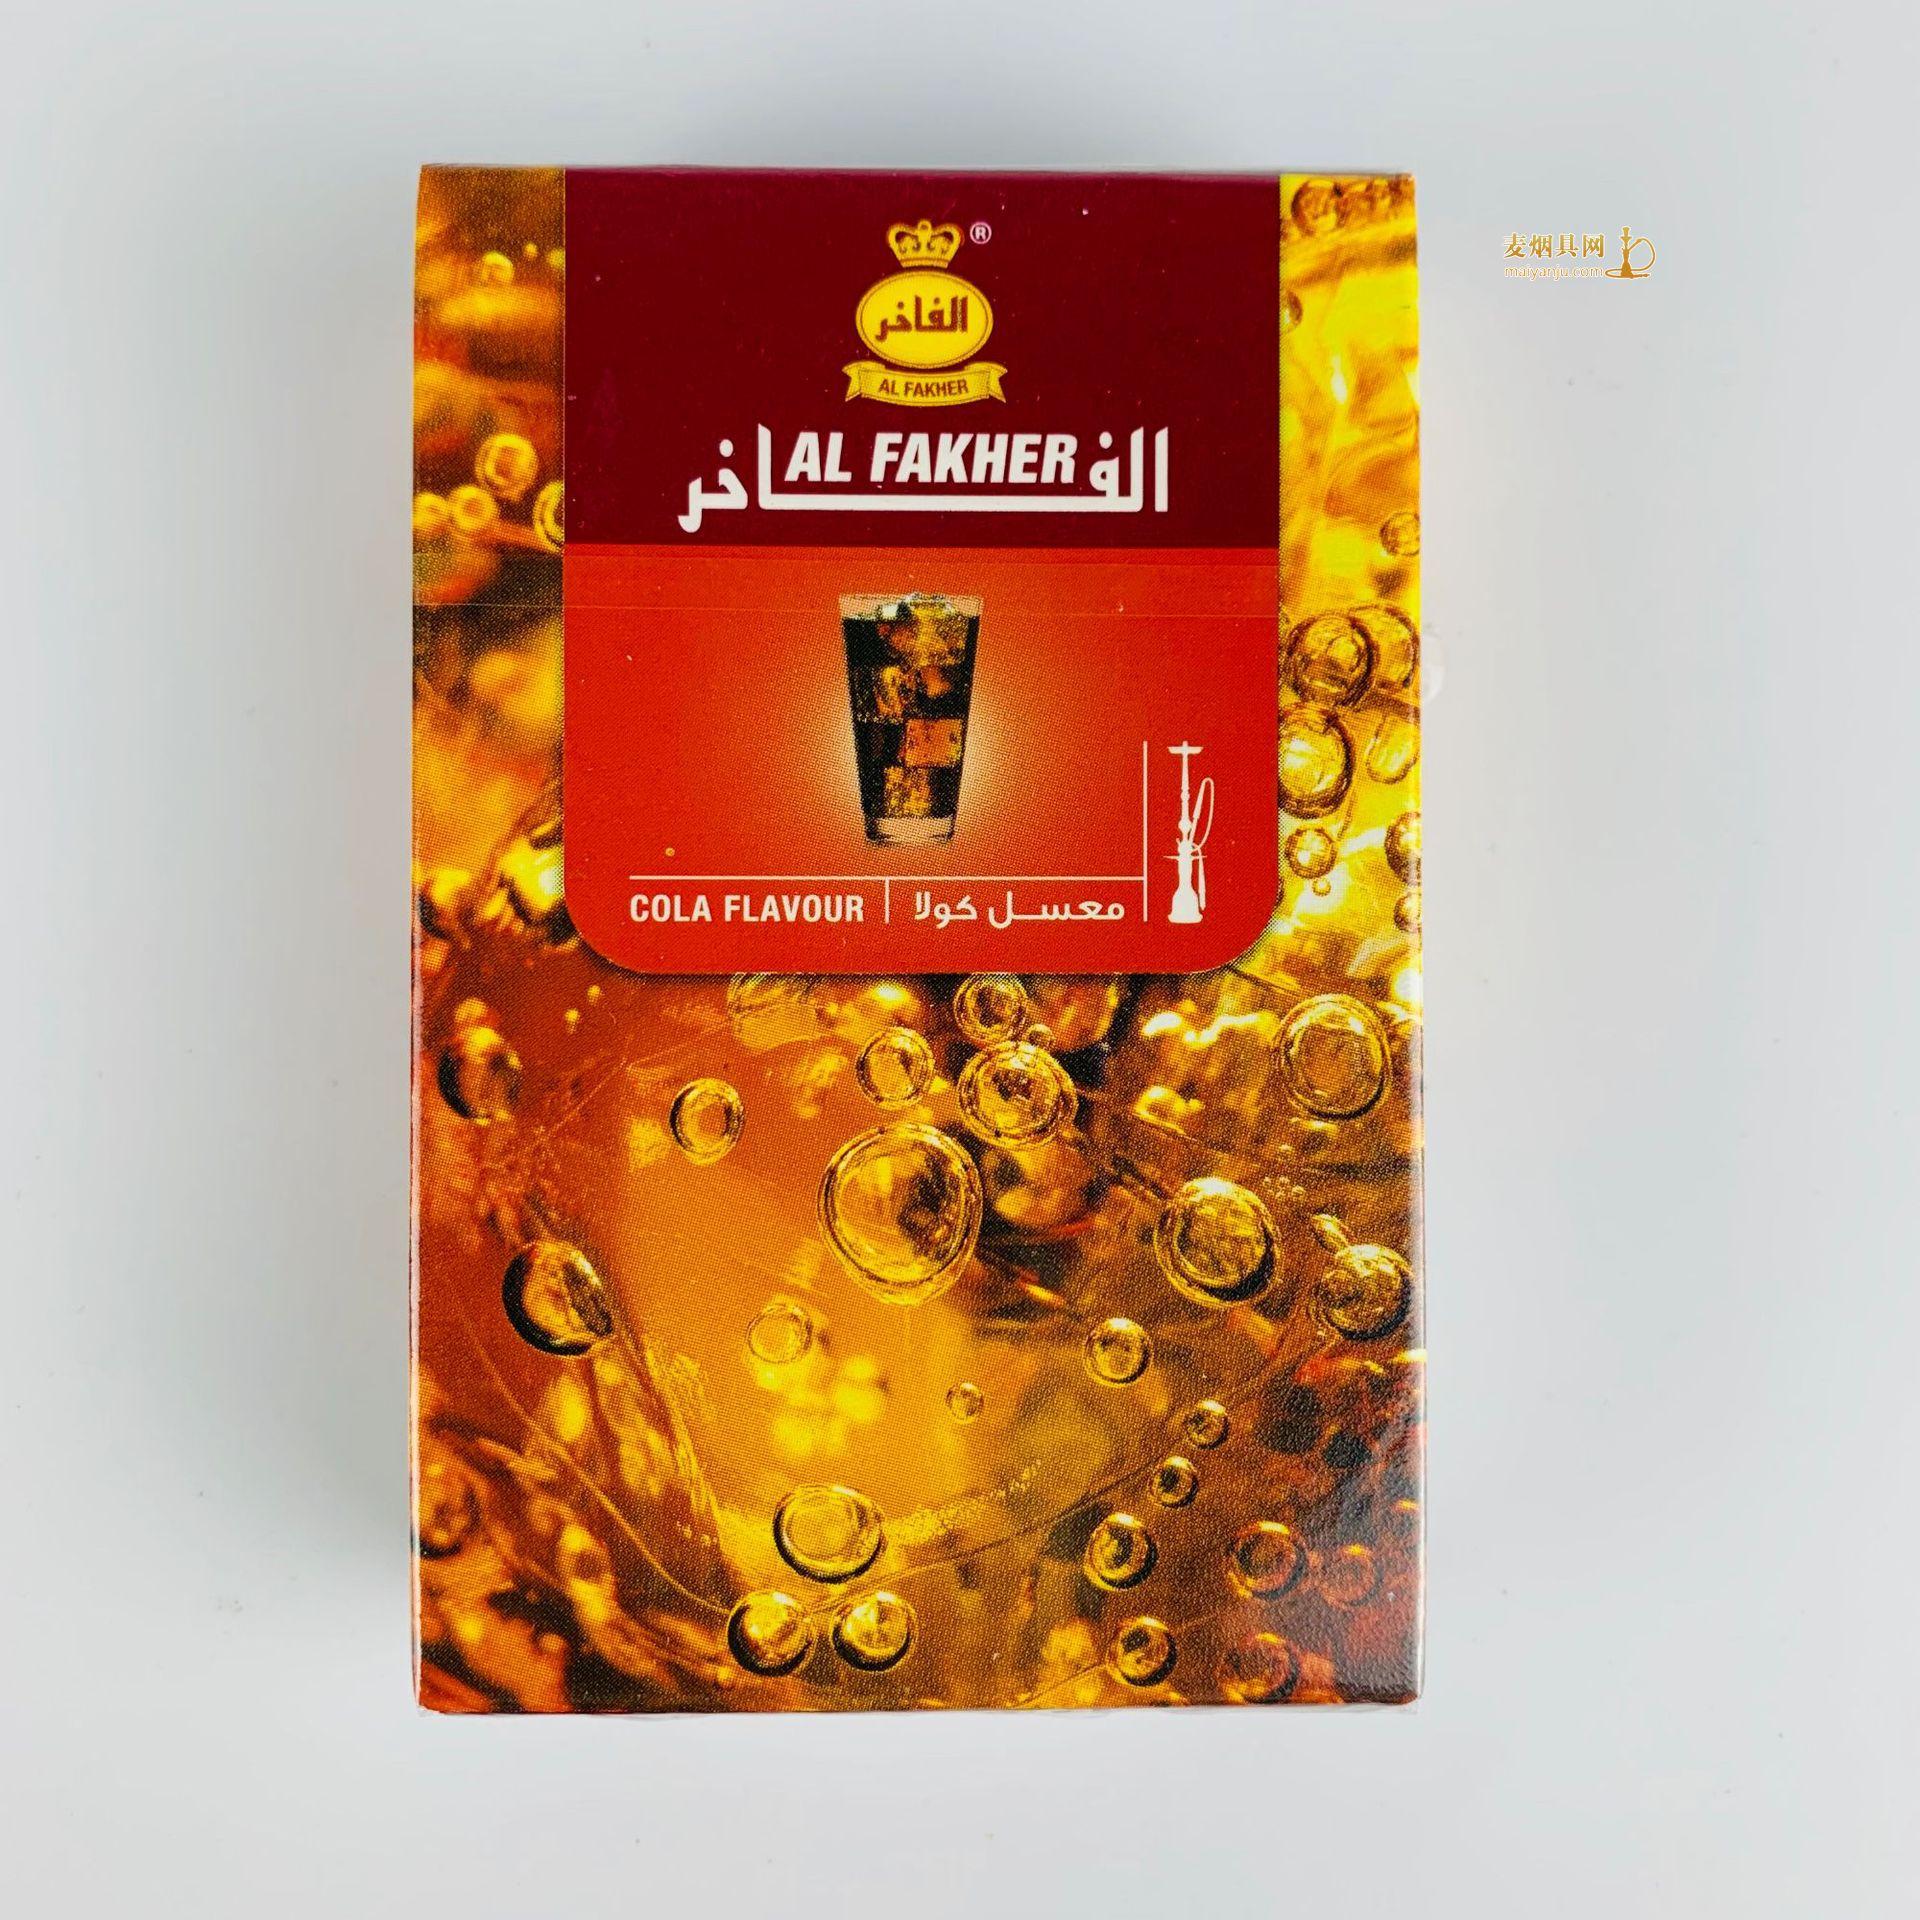 阿尔法赫alfakher50克水烟膏可乐口味